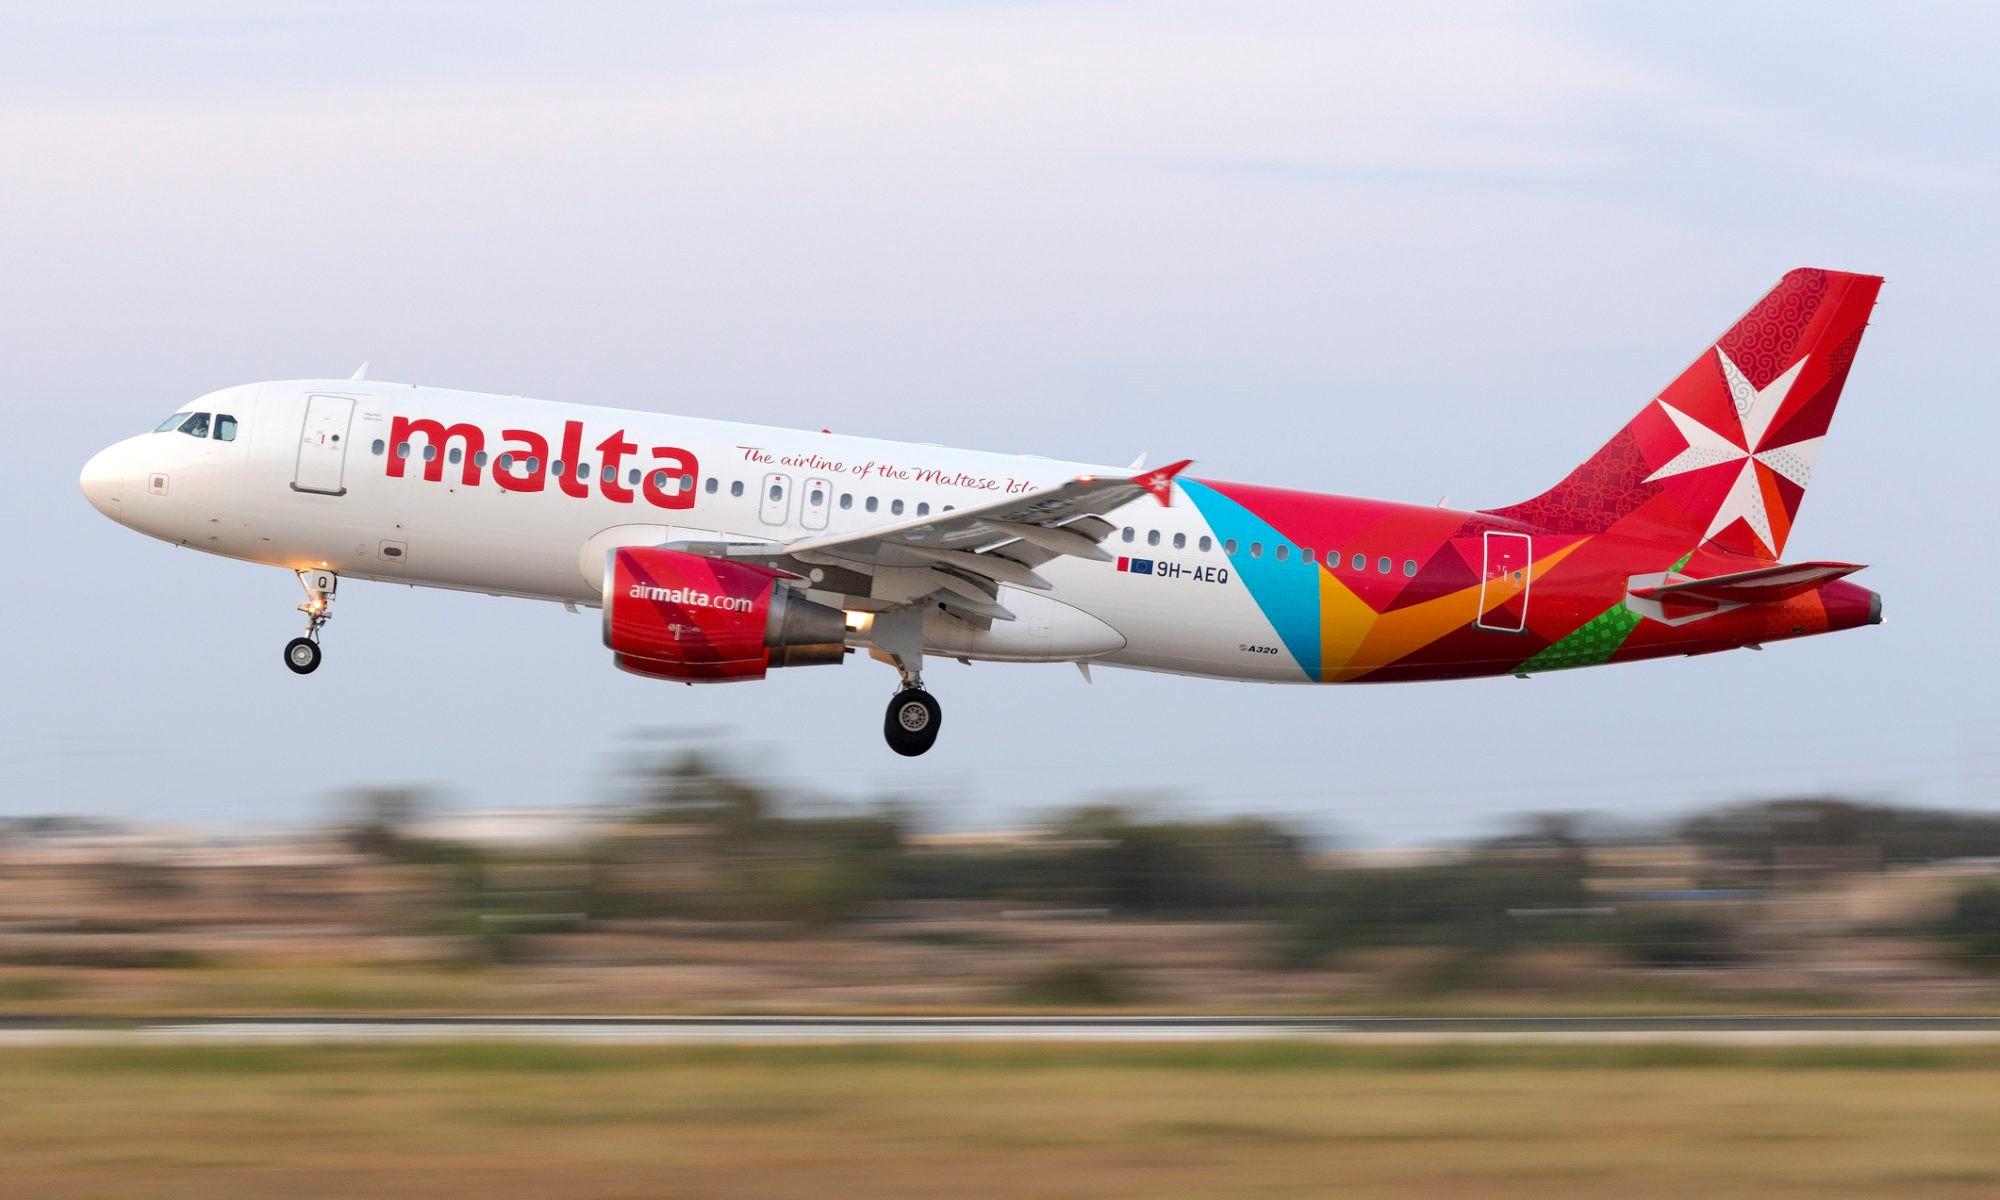 ngành hàng không ở Malta